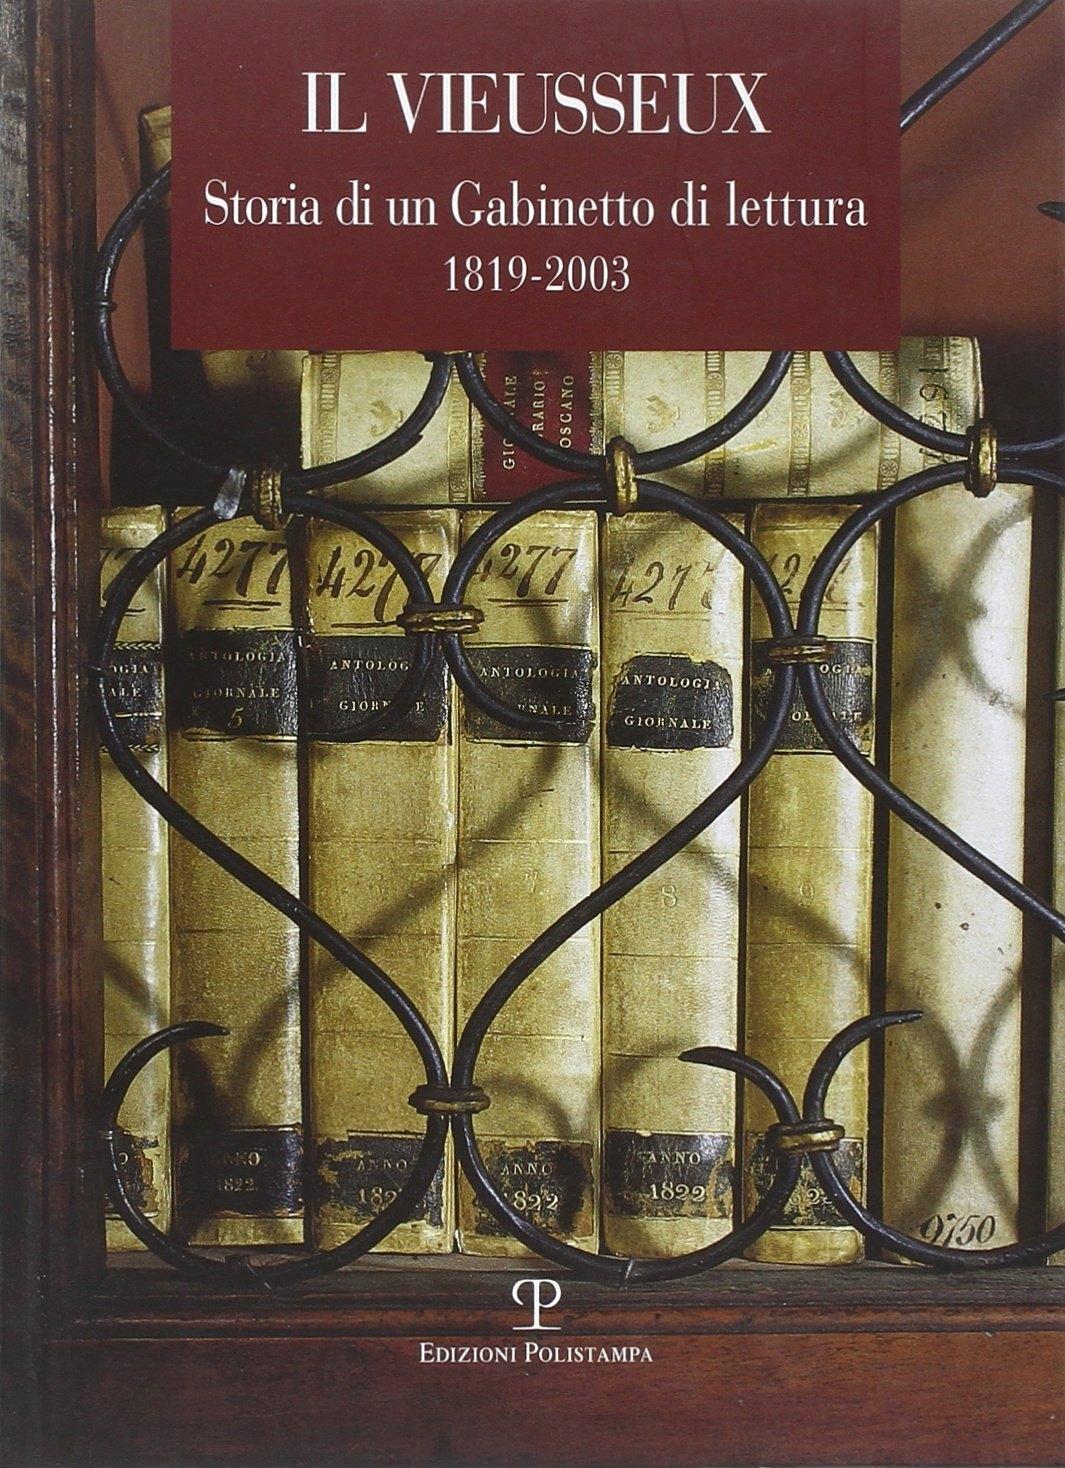 Il Vieusseux. Storia di un Gabinetto di lettura 1819-2003